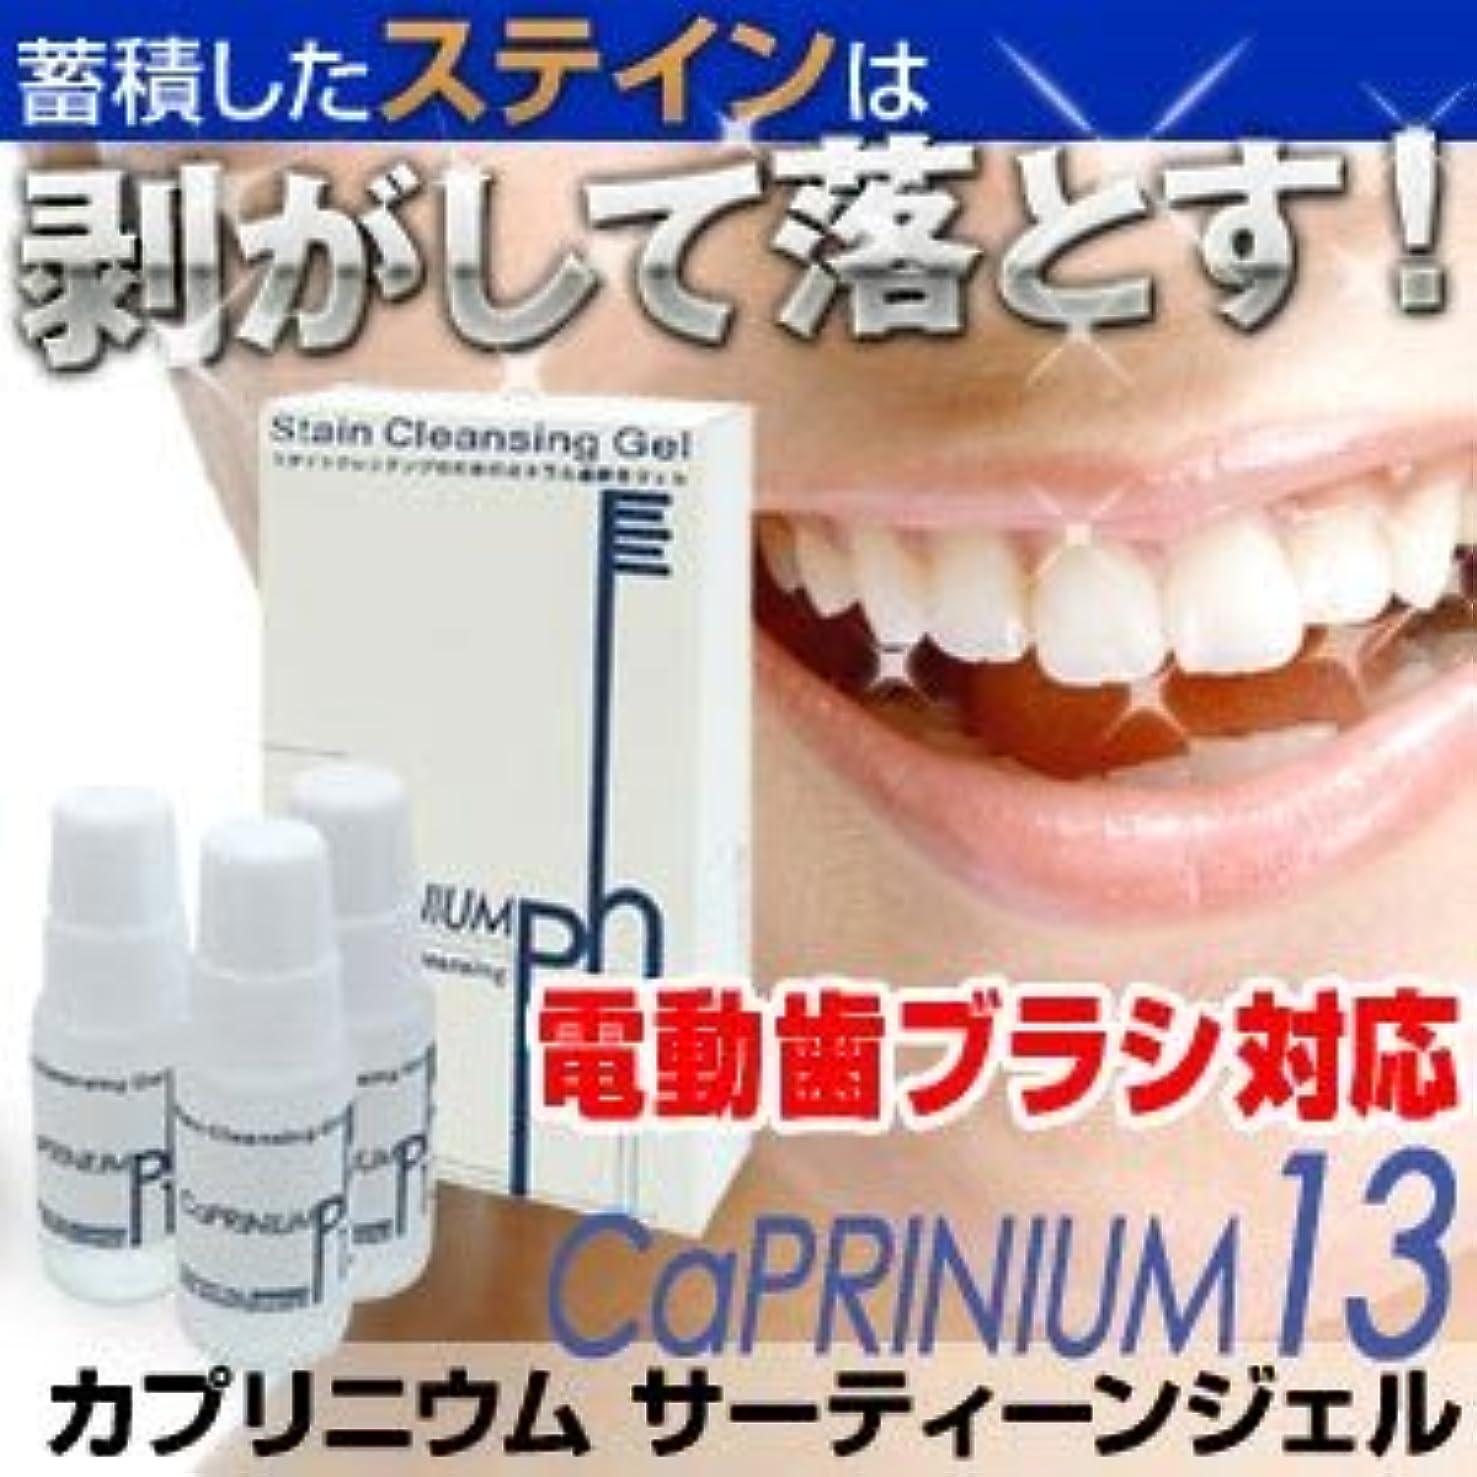 マイコン元気なショートカプリニウム サーティーンジェル(CaPRINIUM 13) 新発想のホワイトニング歯磨きジェル